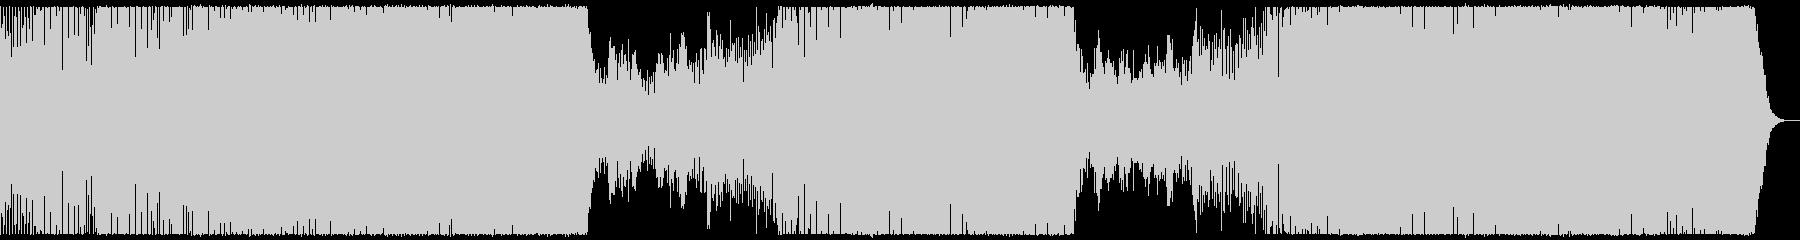 爽やか哀愁感のピアノプログレッシブハウスの未再生の波形